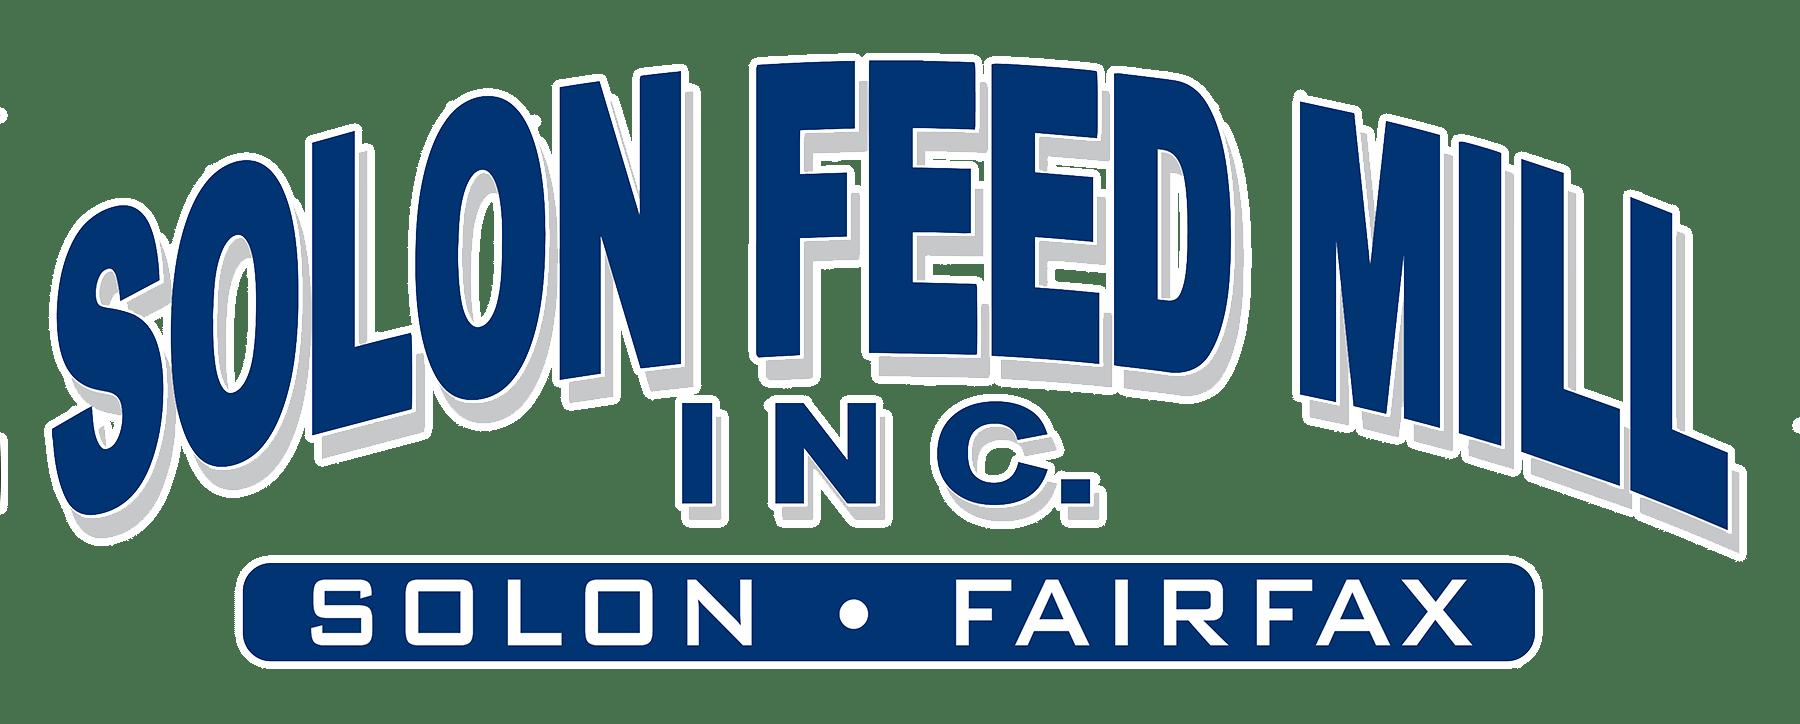 solon feed mill inc logo